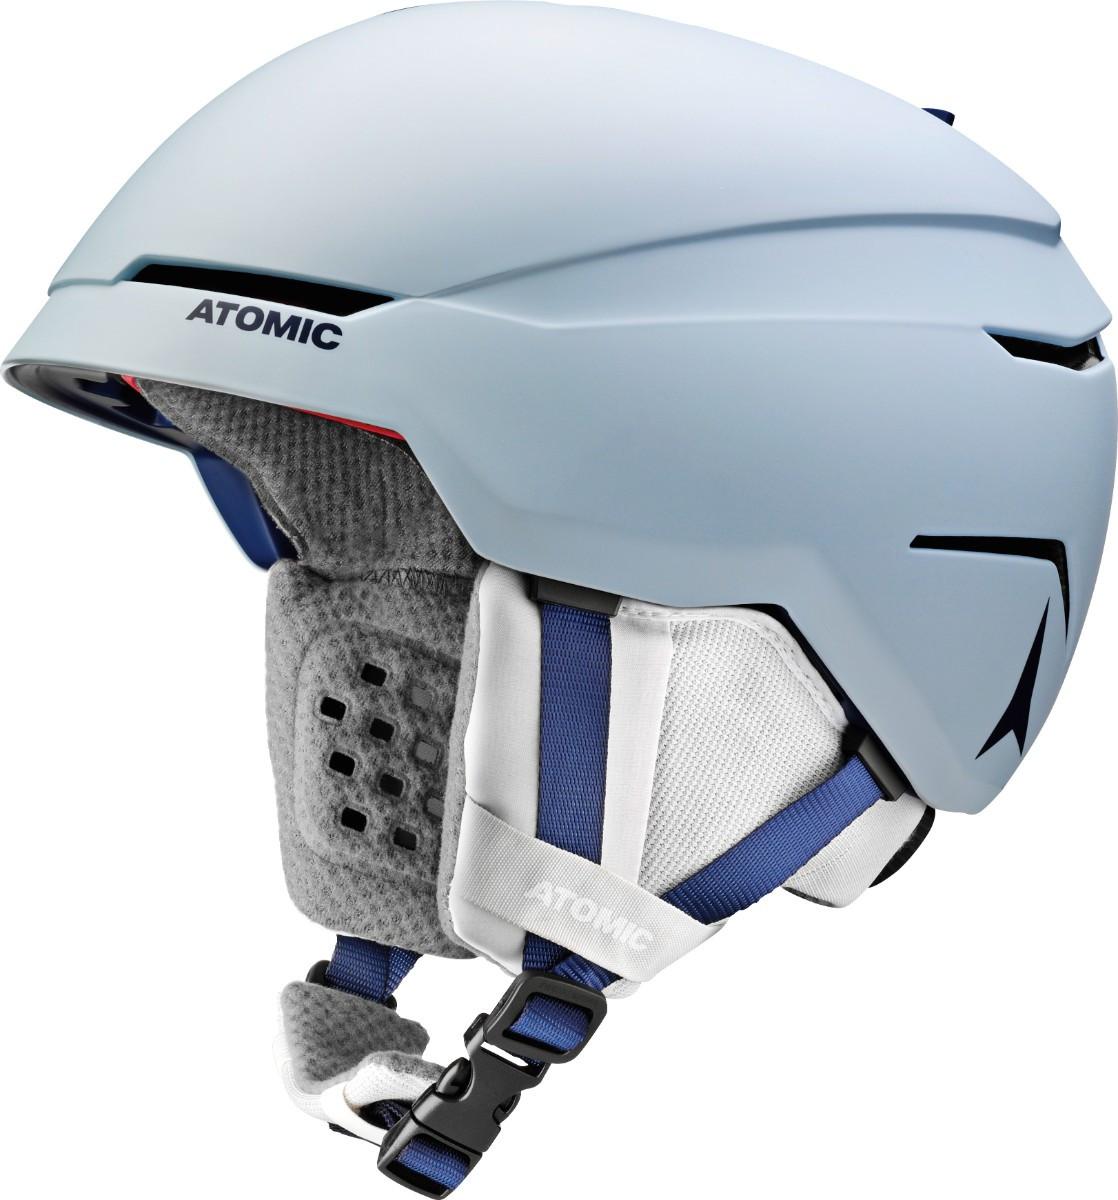 Atomic Savor - modrá Velikost helmy: S 2019/2020